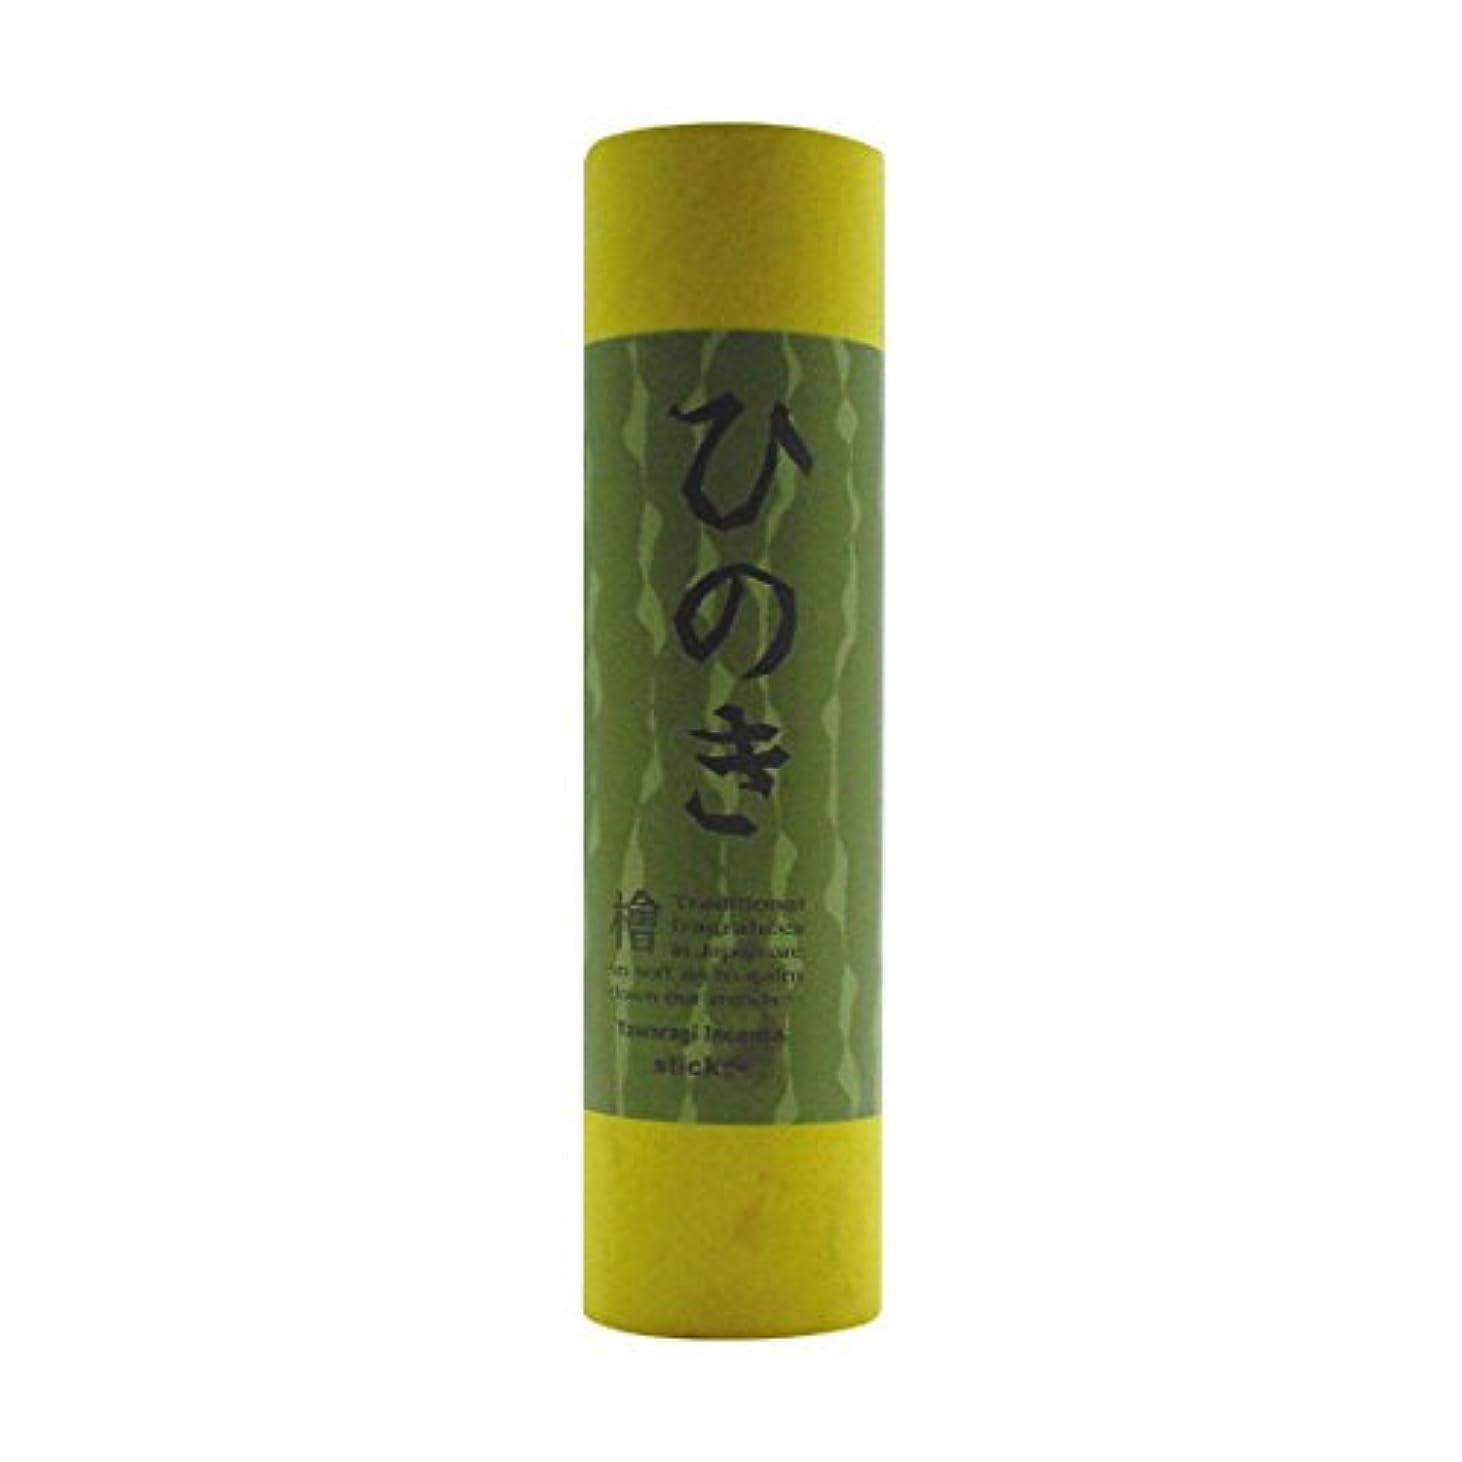 和のお香 スティック ひのき 15本(スティックタイプインセンス)